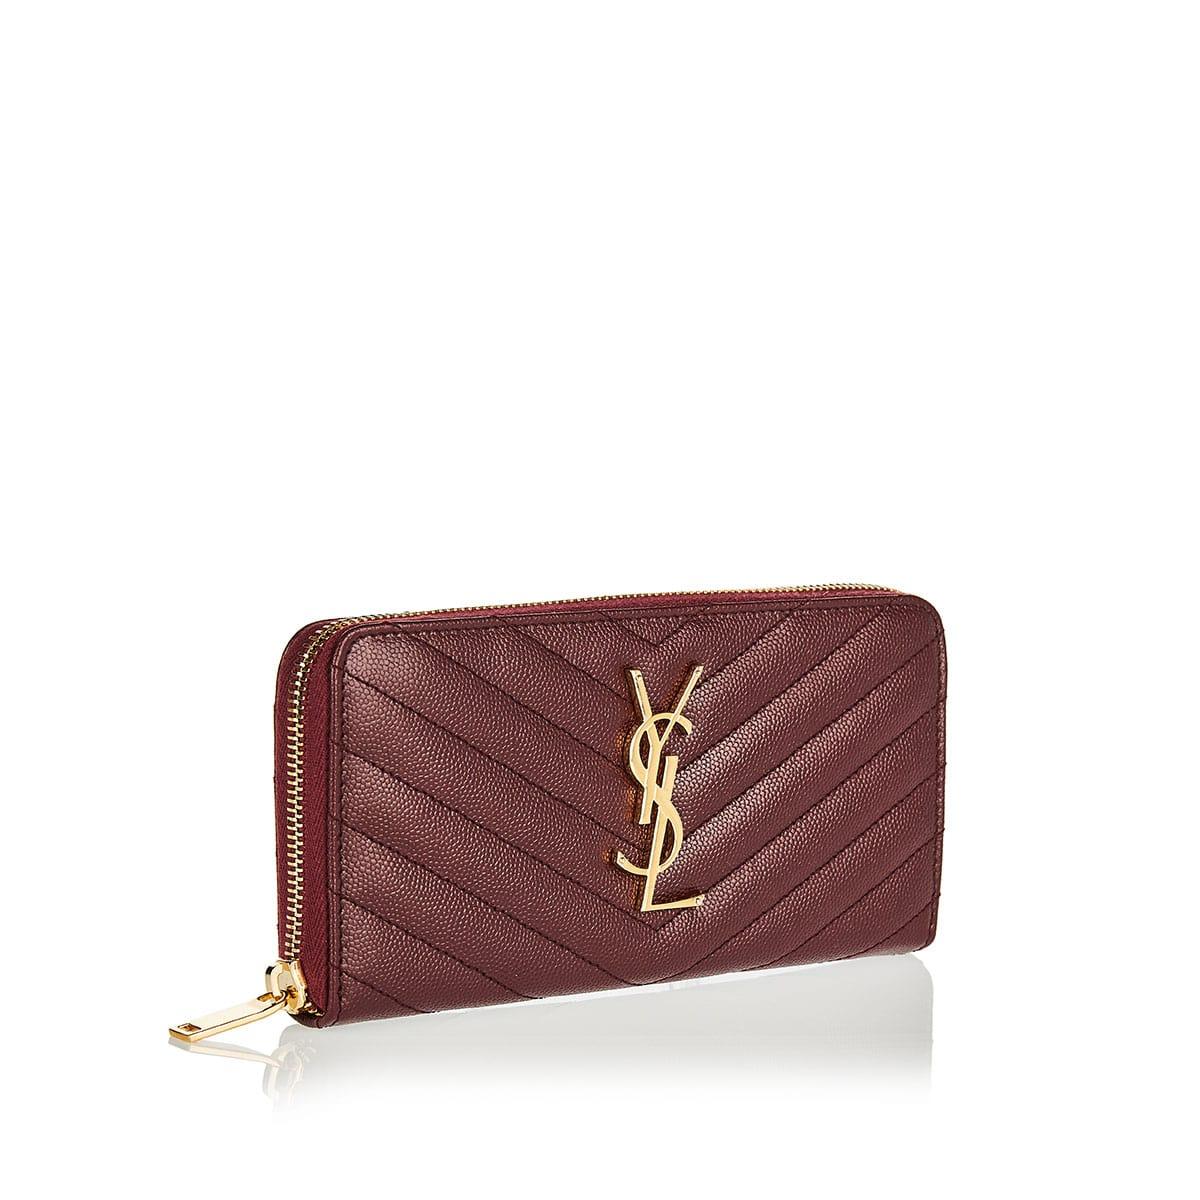 Monogram zip-around wallet